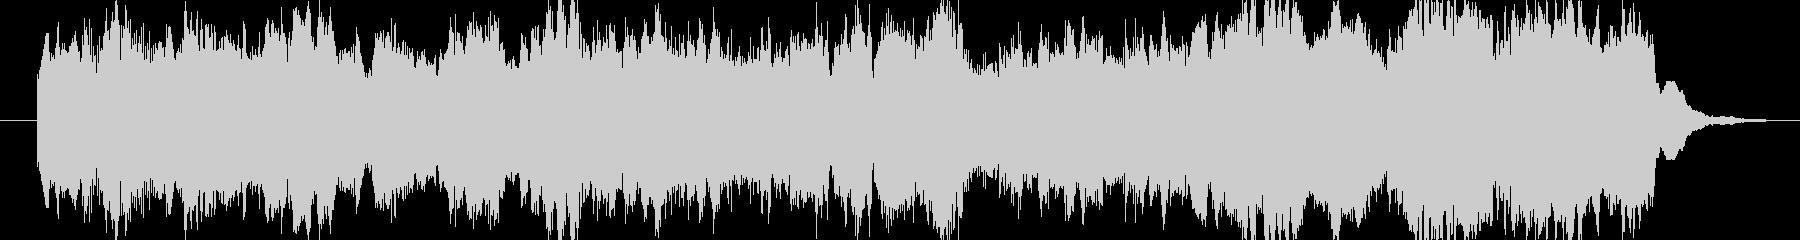 クラシック風(バロック)のジングルの未再生の波形